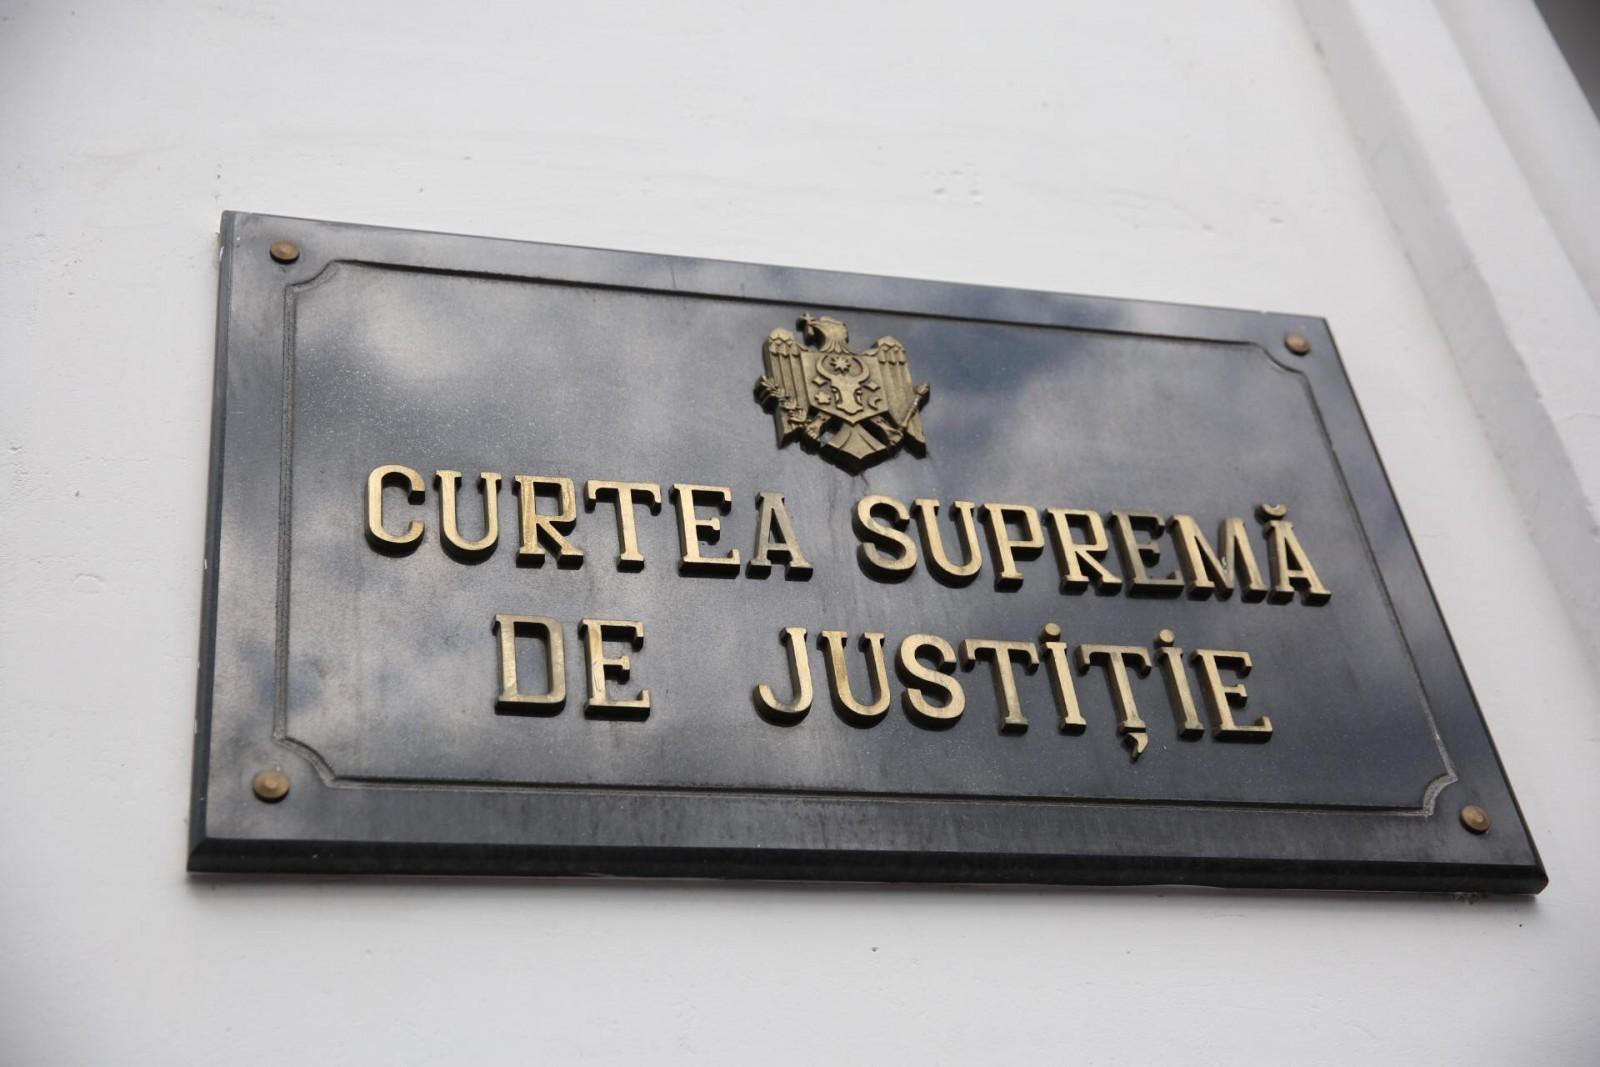 Și CSM a formulat mai multe obiecții cu privire la proiectul de Lege privind reformarea Curții Supreme de Justiție și organelor procuraturii